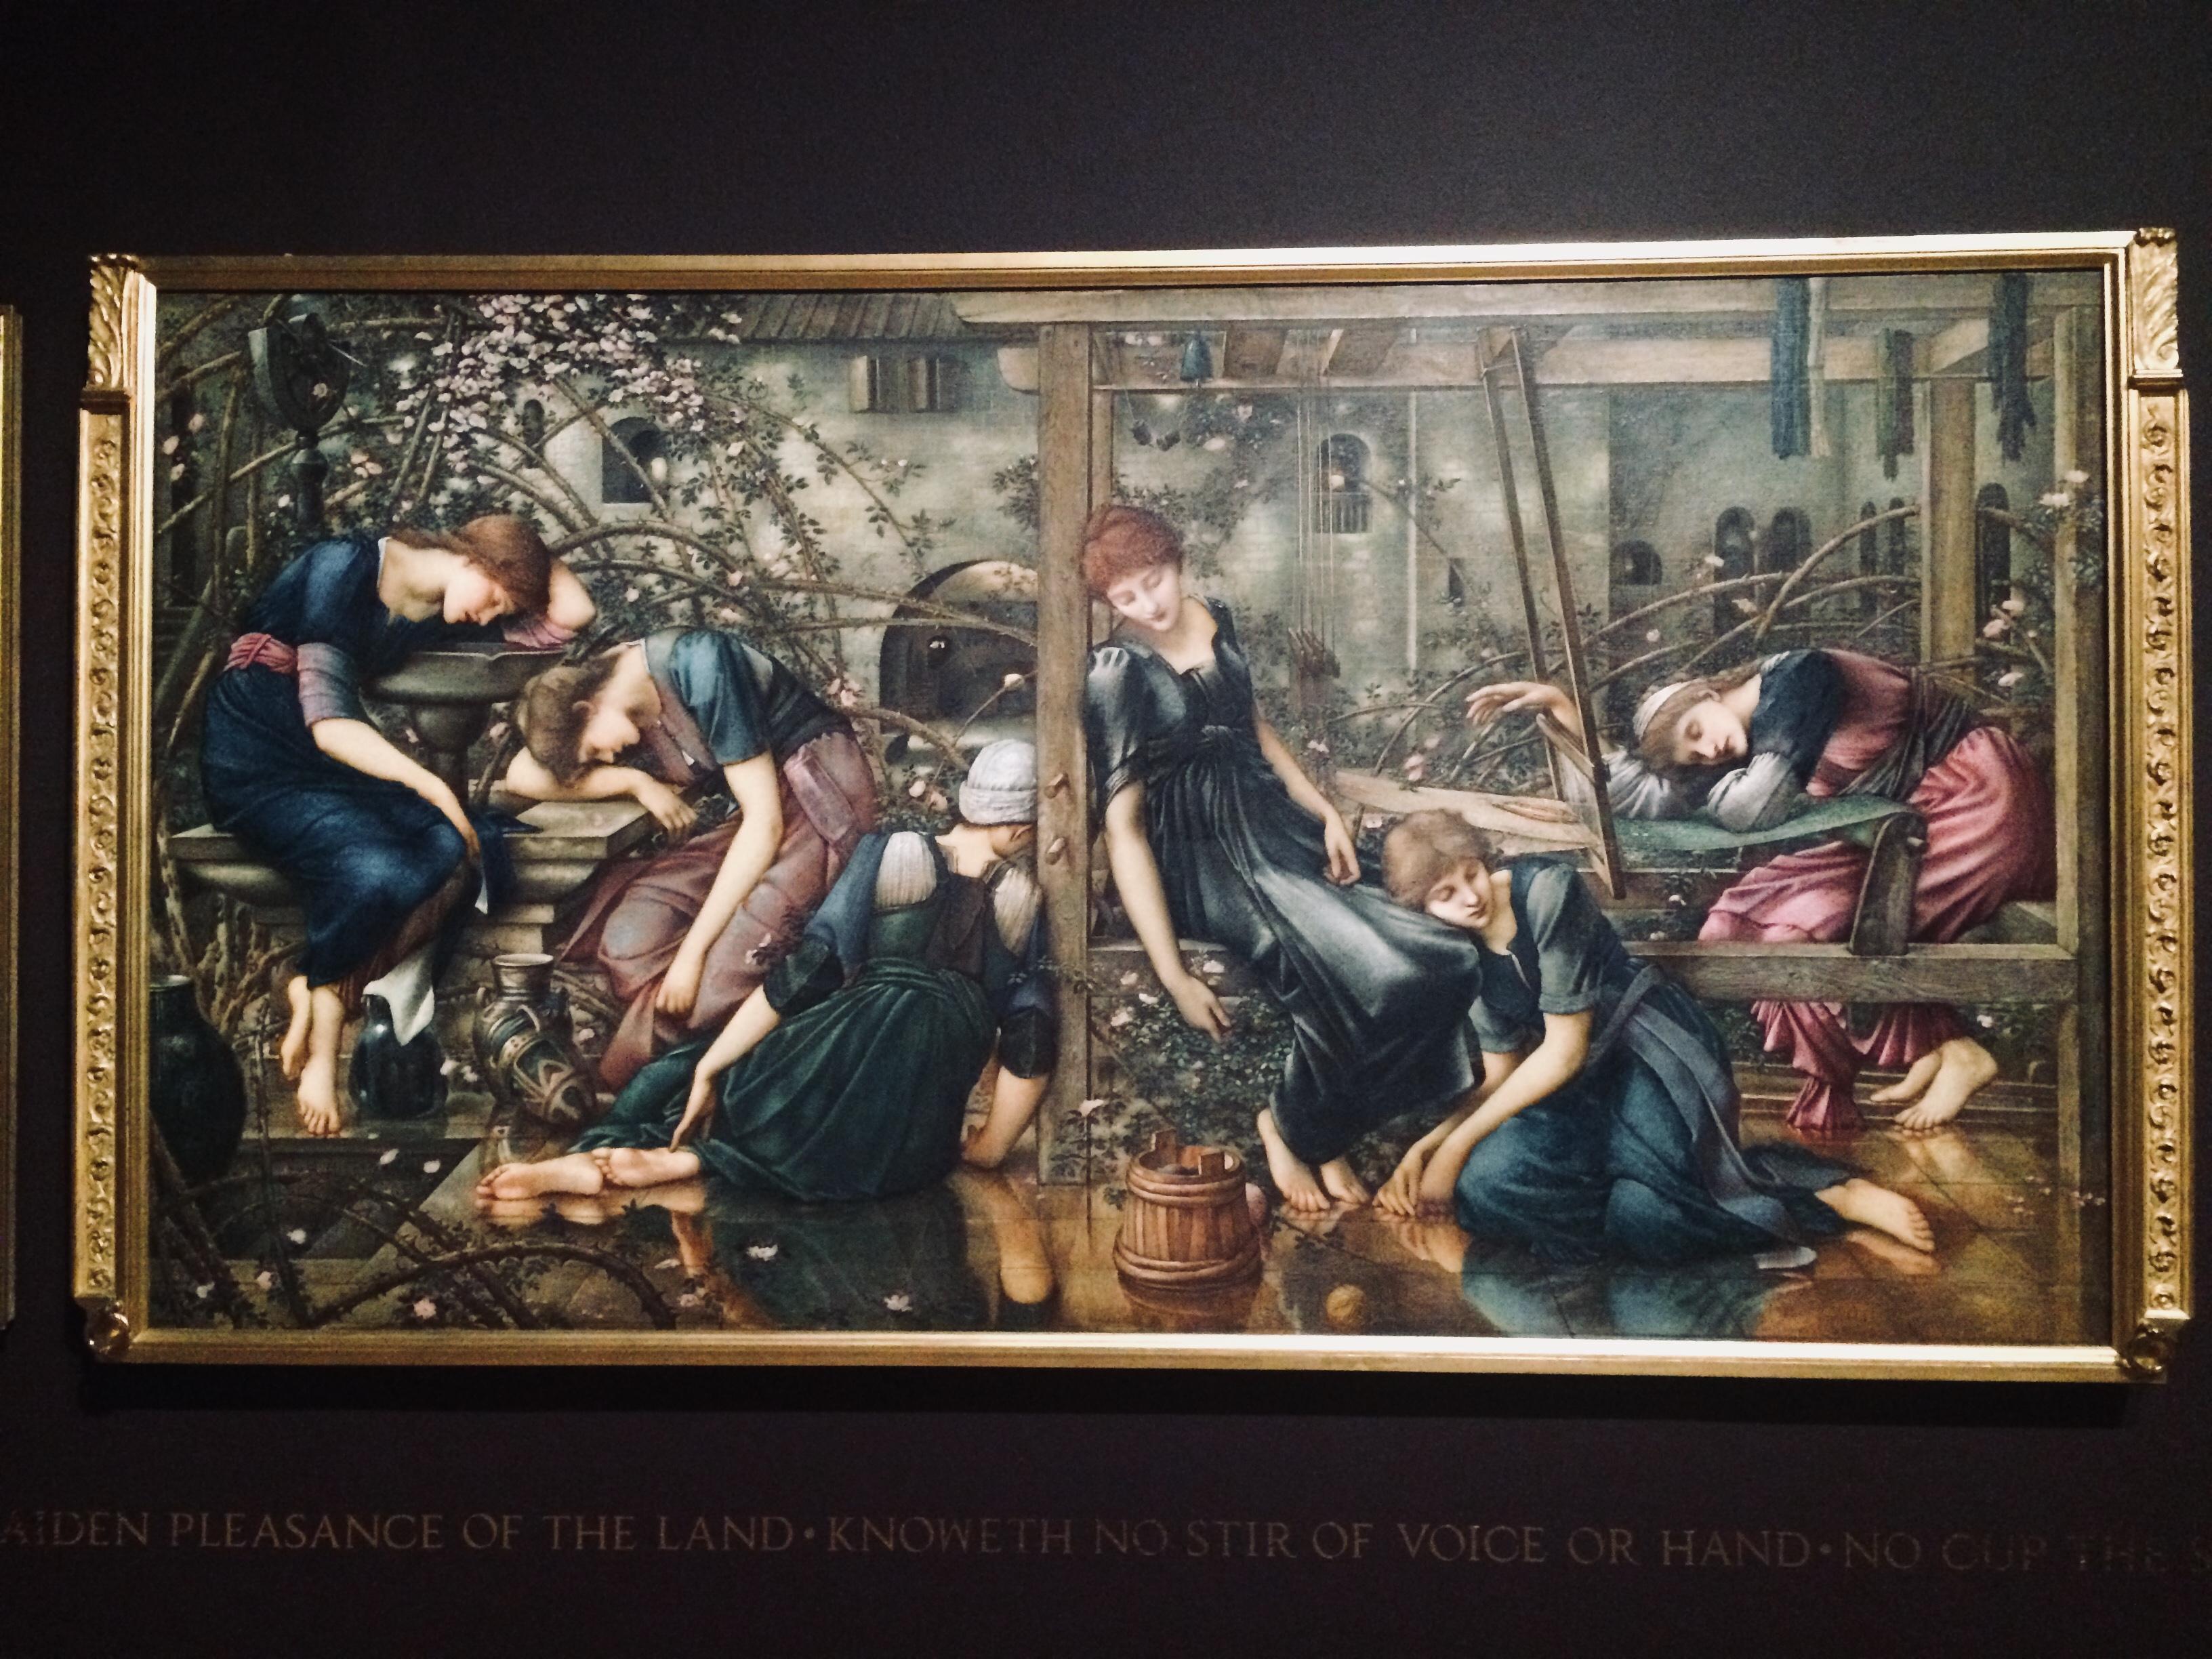 Burne-Jones_Sleeping Beauty 1